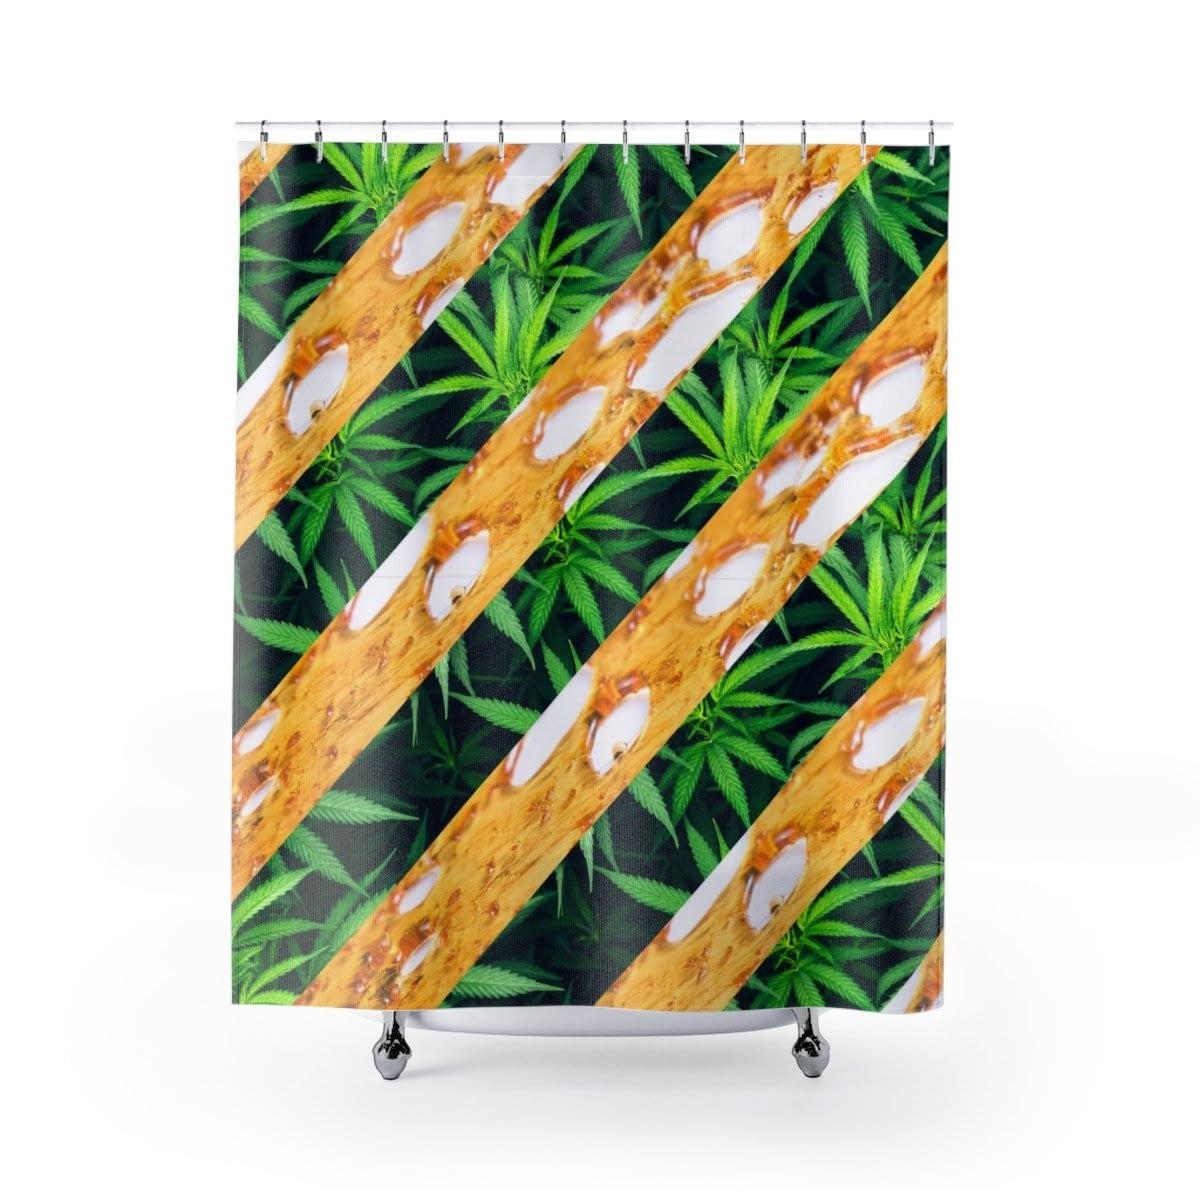 CannaDab Cannabis Shower Curtain